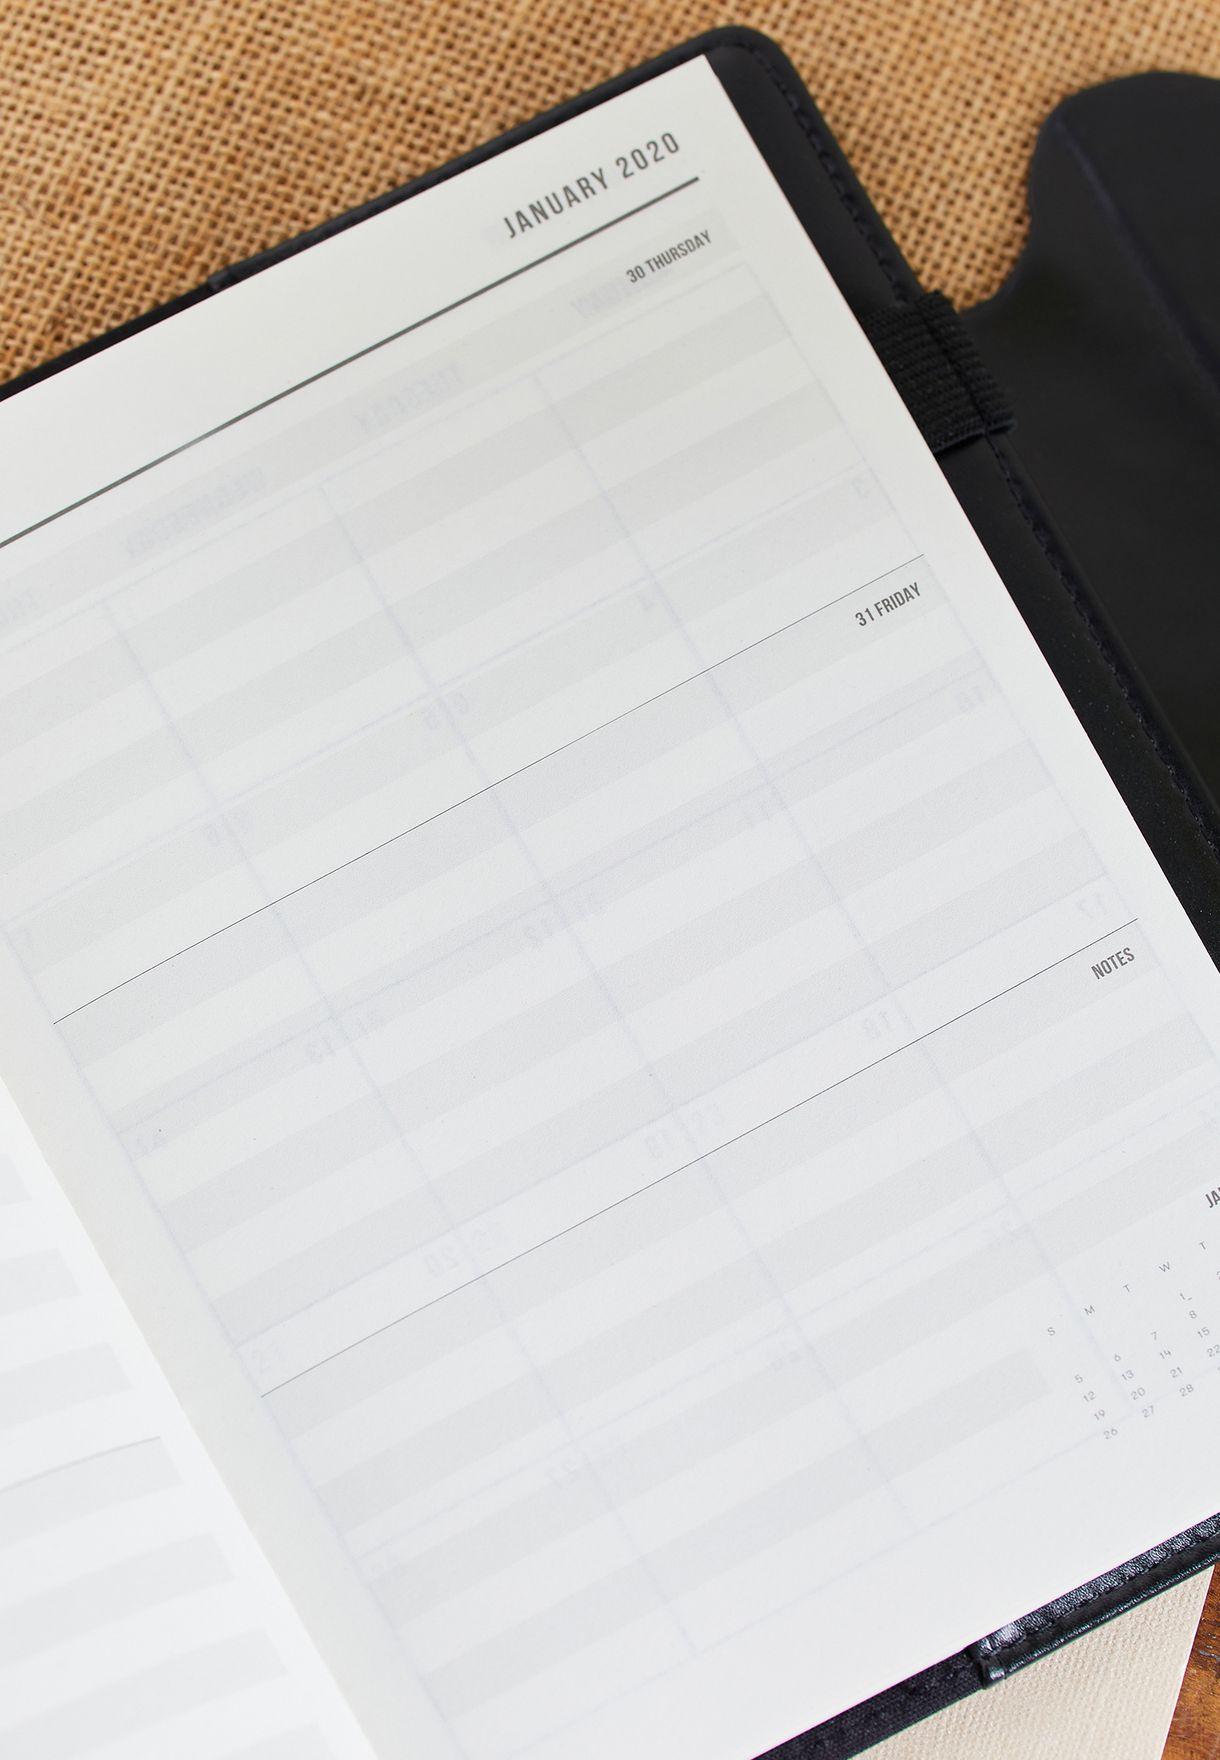 دفتر مذكرات هاري بوتر 2020